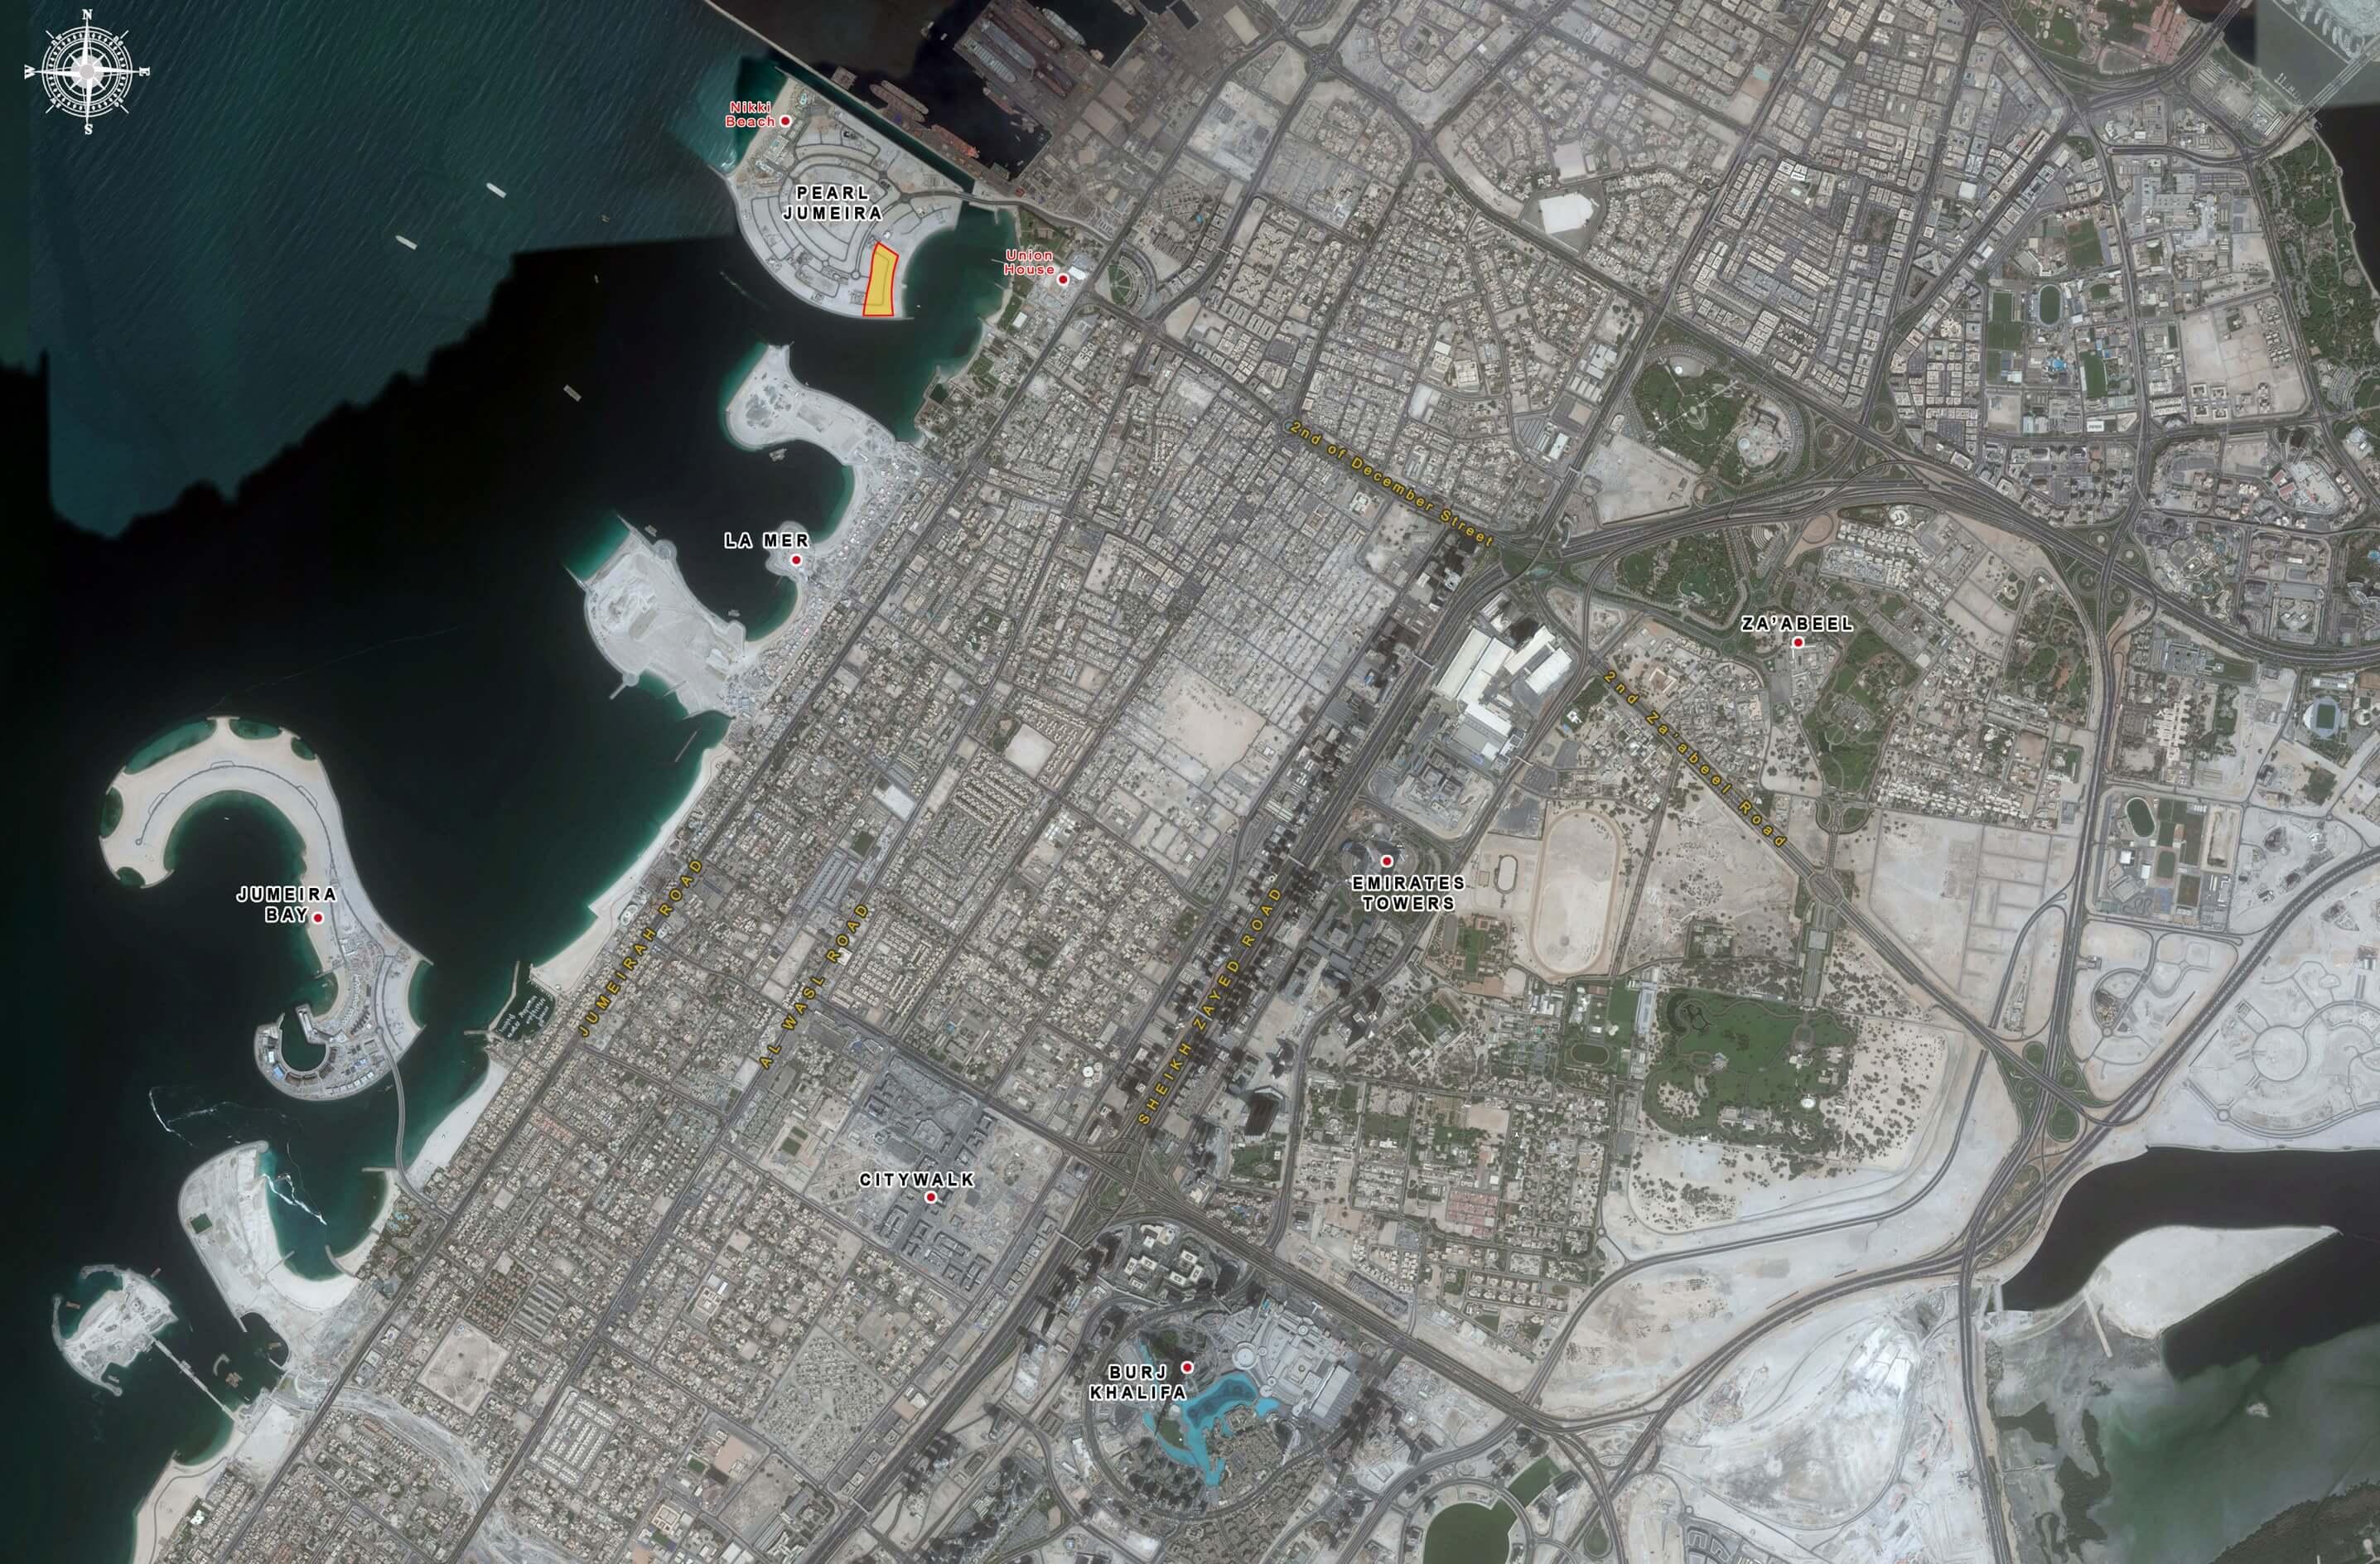 قطع اراضي لؤلؤة جزيرة جميرا